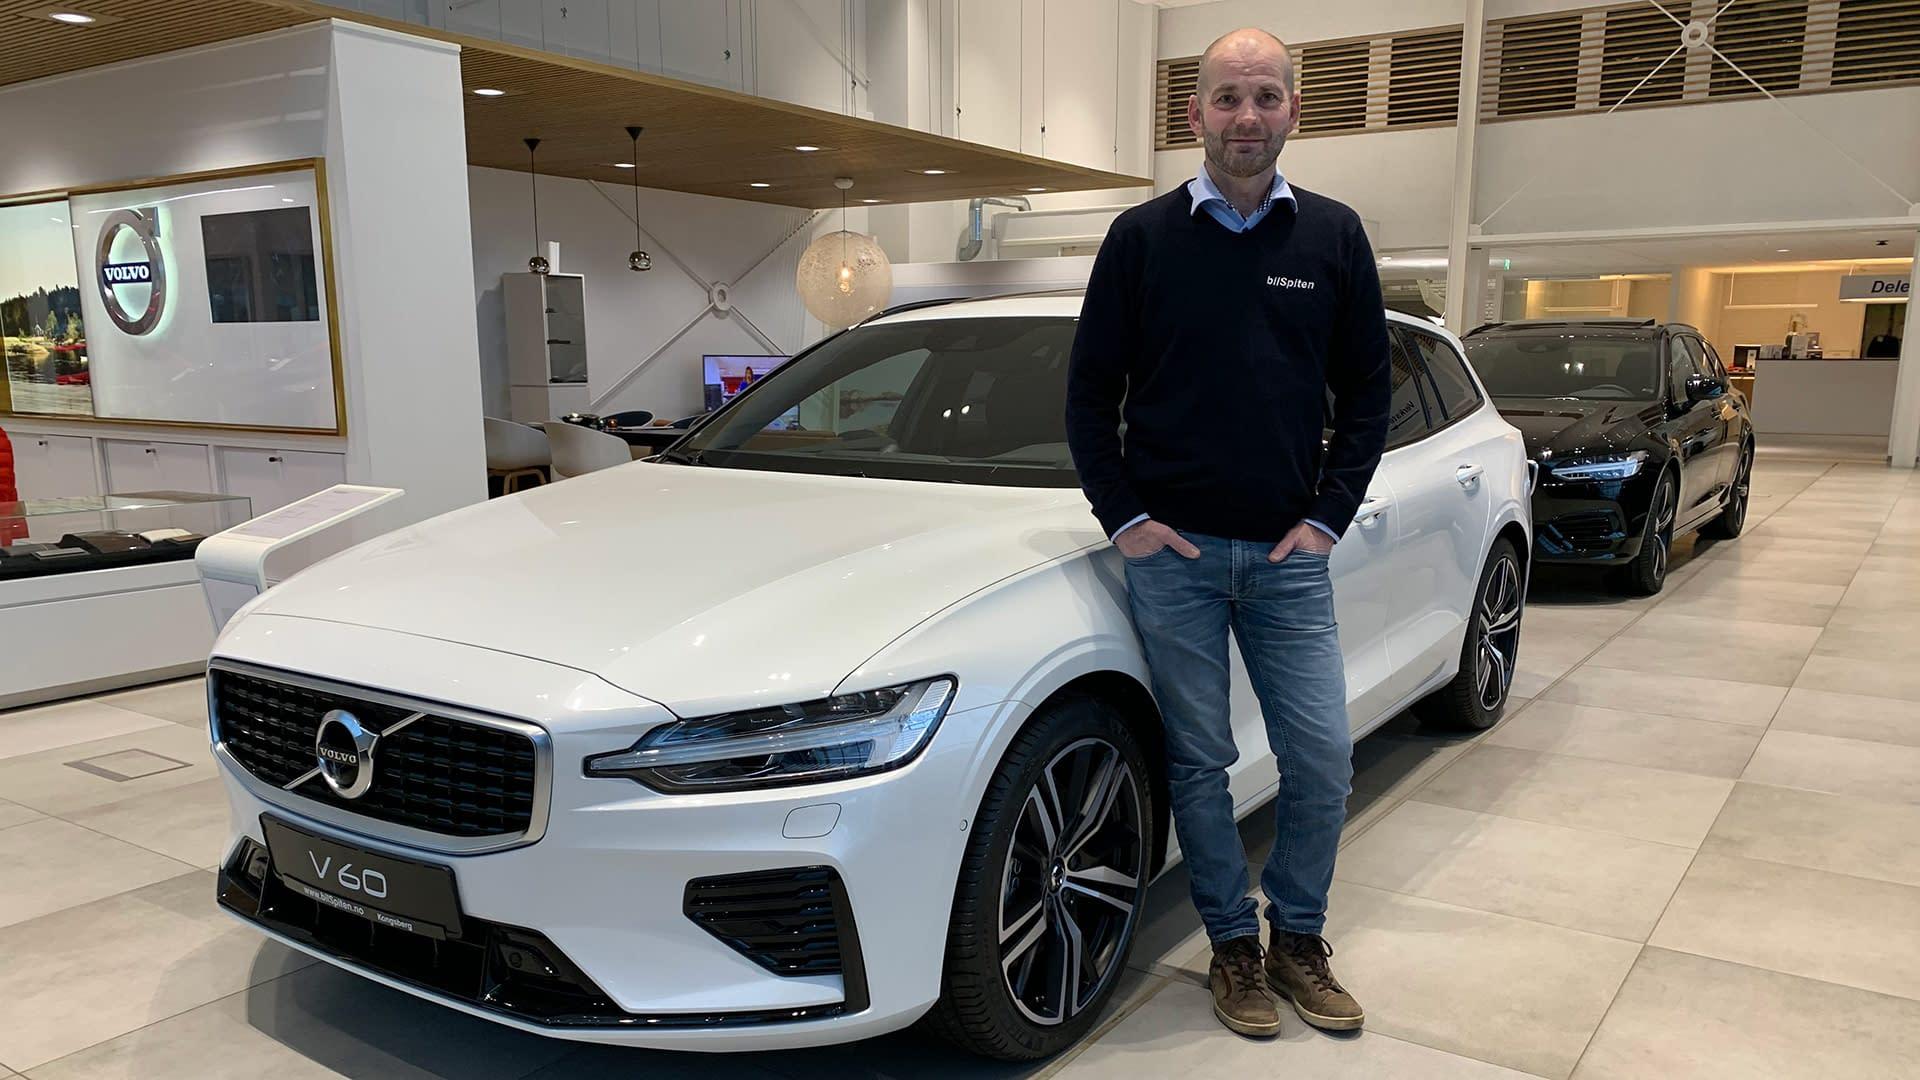 Jan Aas selger nesten nye biler hos bilSpiten på Kongsberg